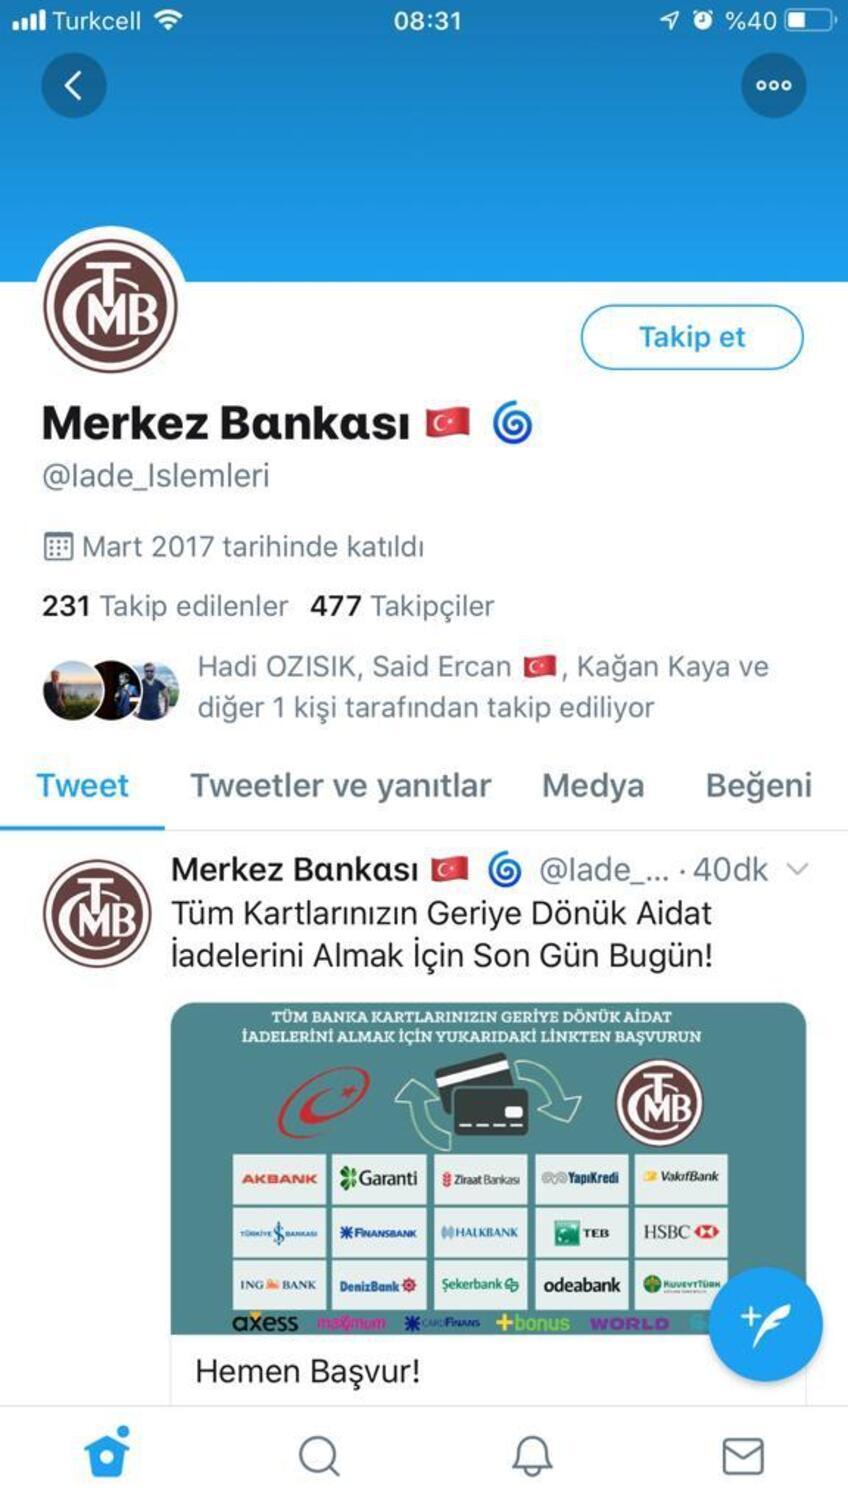 Bilişim Derneği Başkanı uyardı… Twitter'daki sahte merkez bankası reklamına dikkat